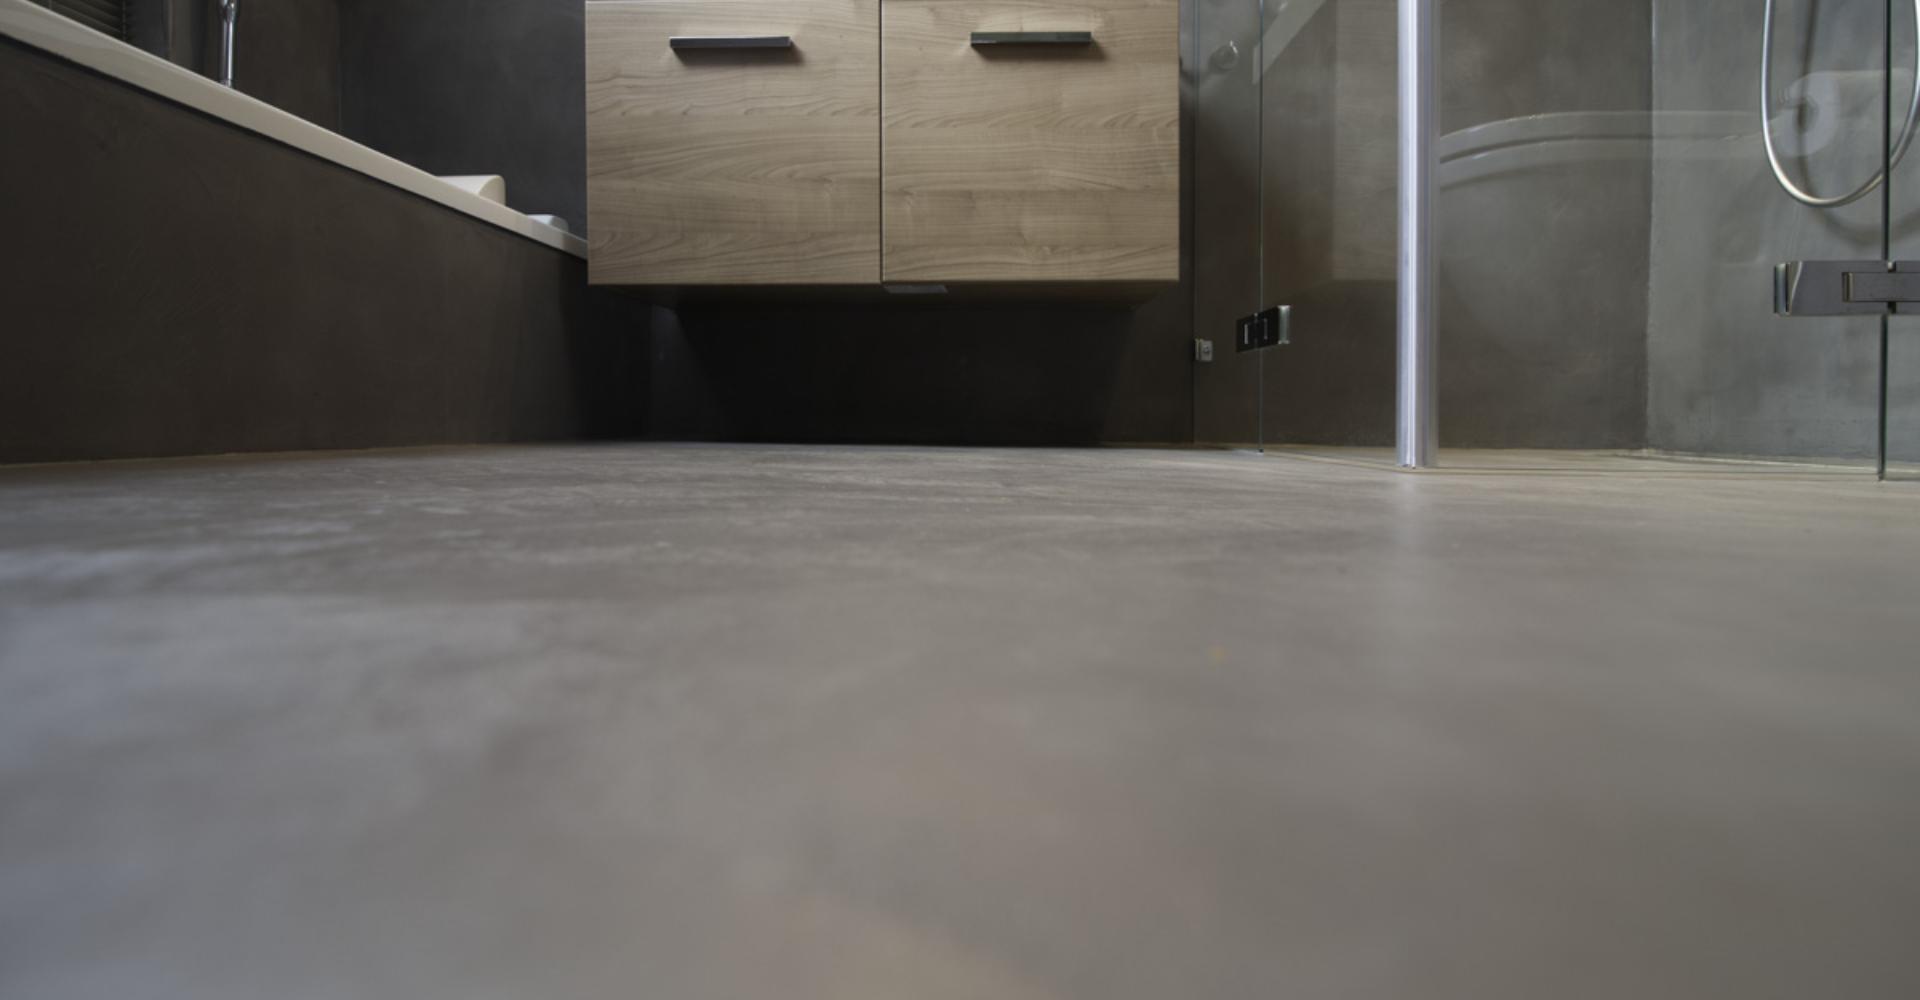 beton cire badkamer vloer devolonterfo